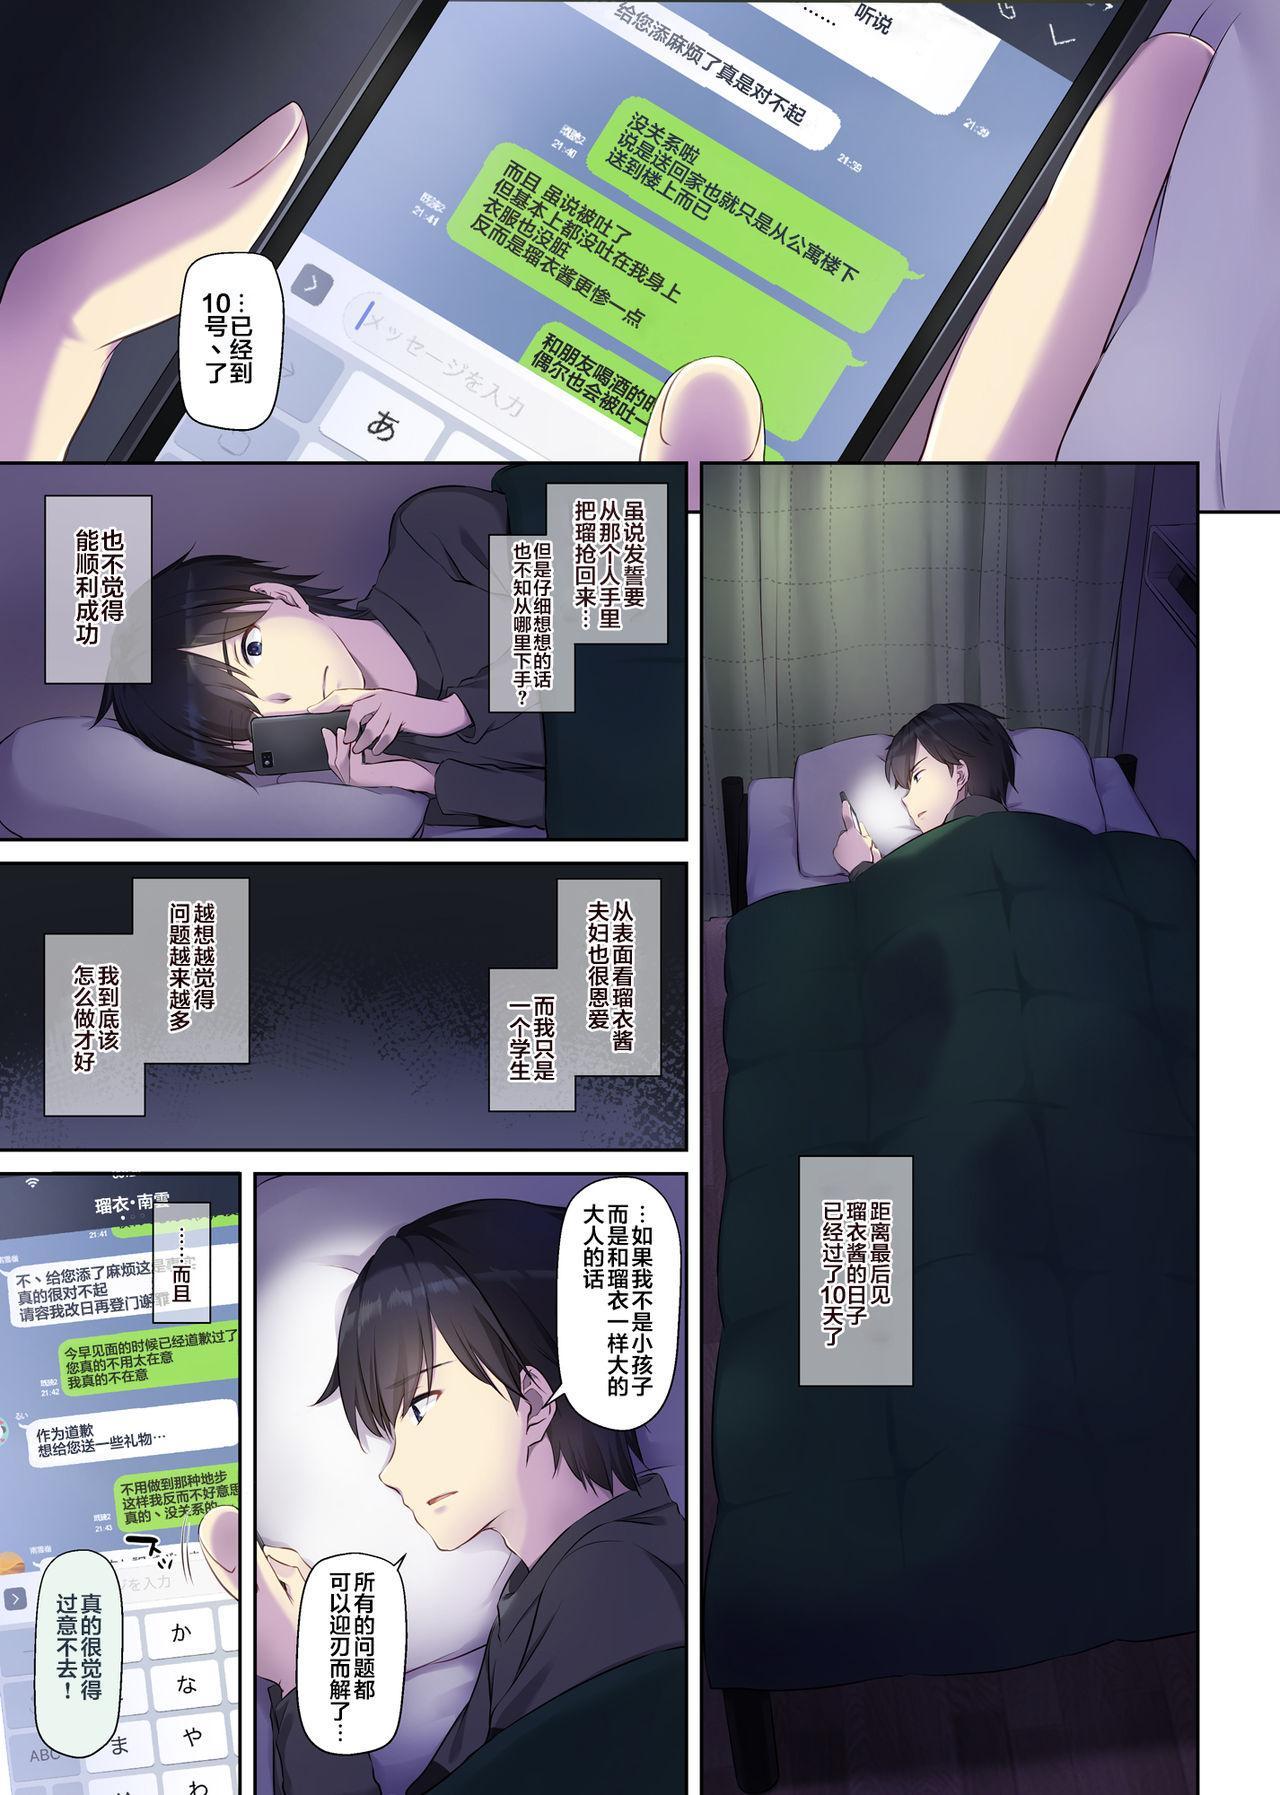 Hitozuma Osananajimi to Hitonatsu no Dekigoto 3 DLO-14 2